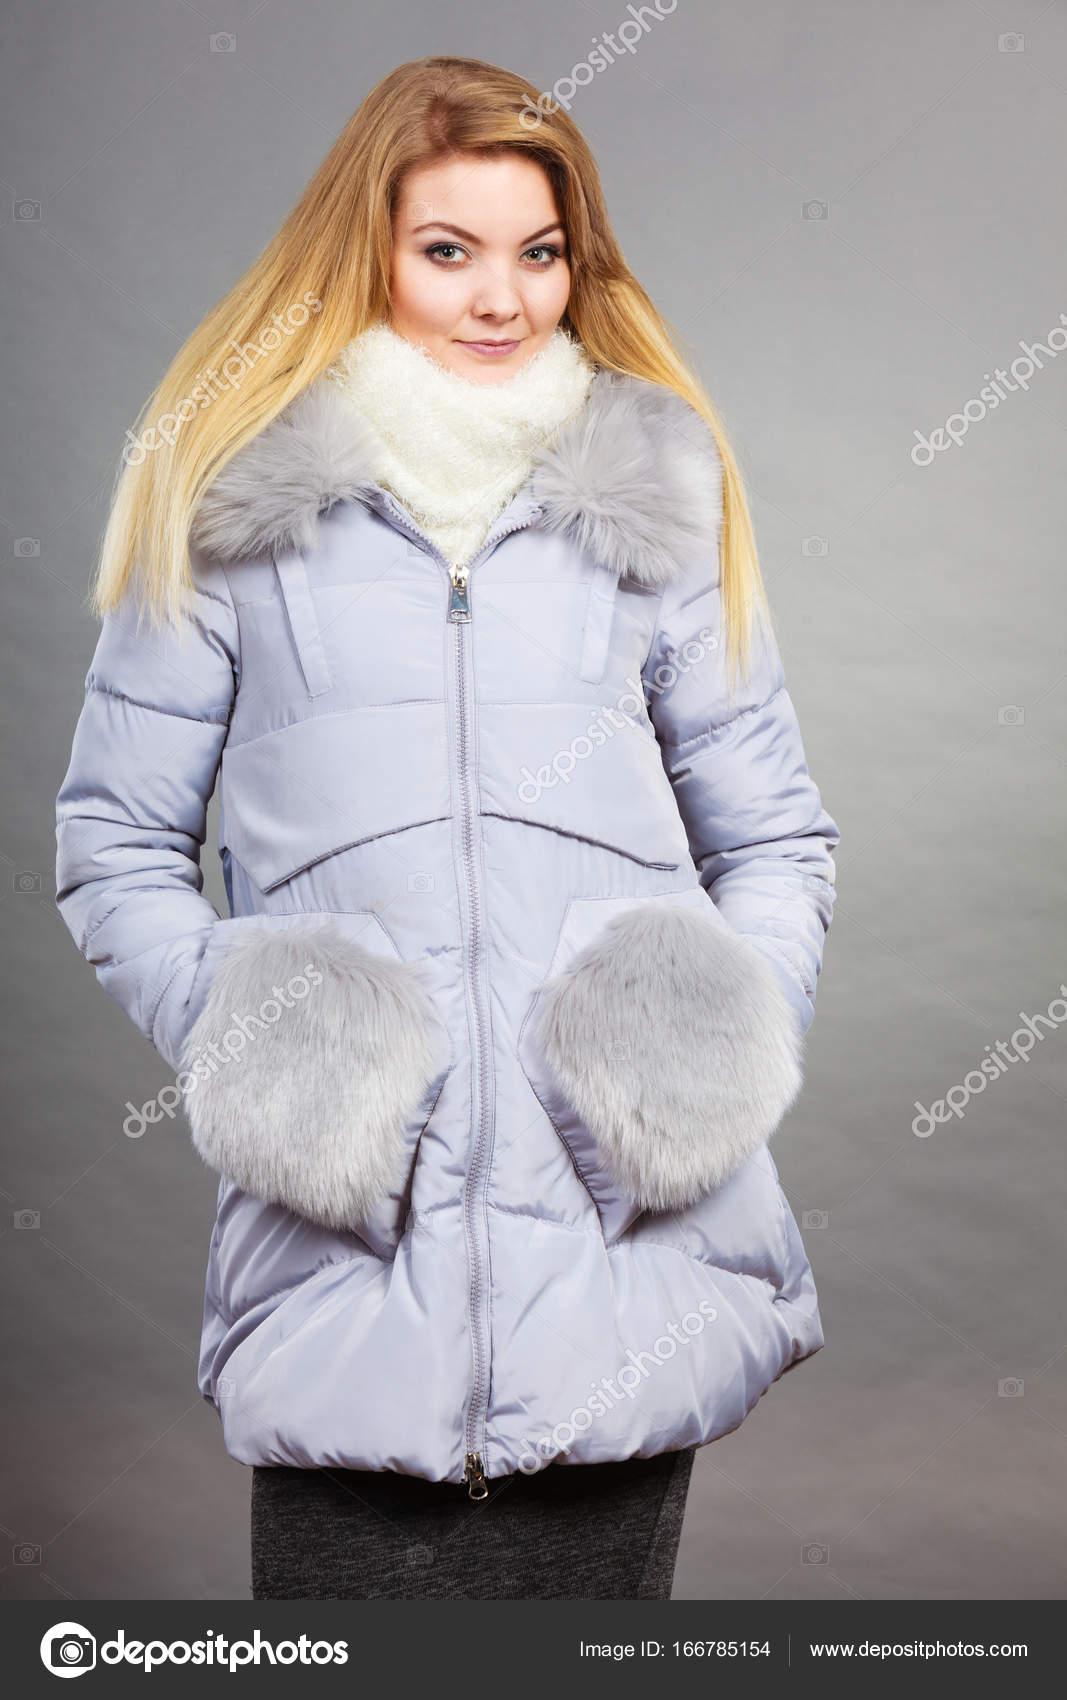 b3ea84dfbb Szezonális divat, a ruhák és a ruha fogalmát. Nő visel könnyű meleg szőrös  télikabát a hideg napok tökéletes — Fotó szerzőtől ...